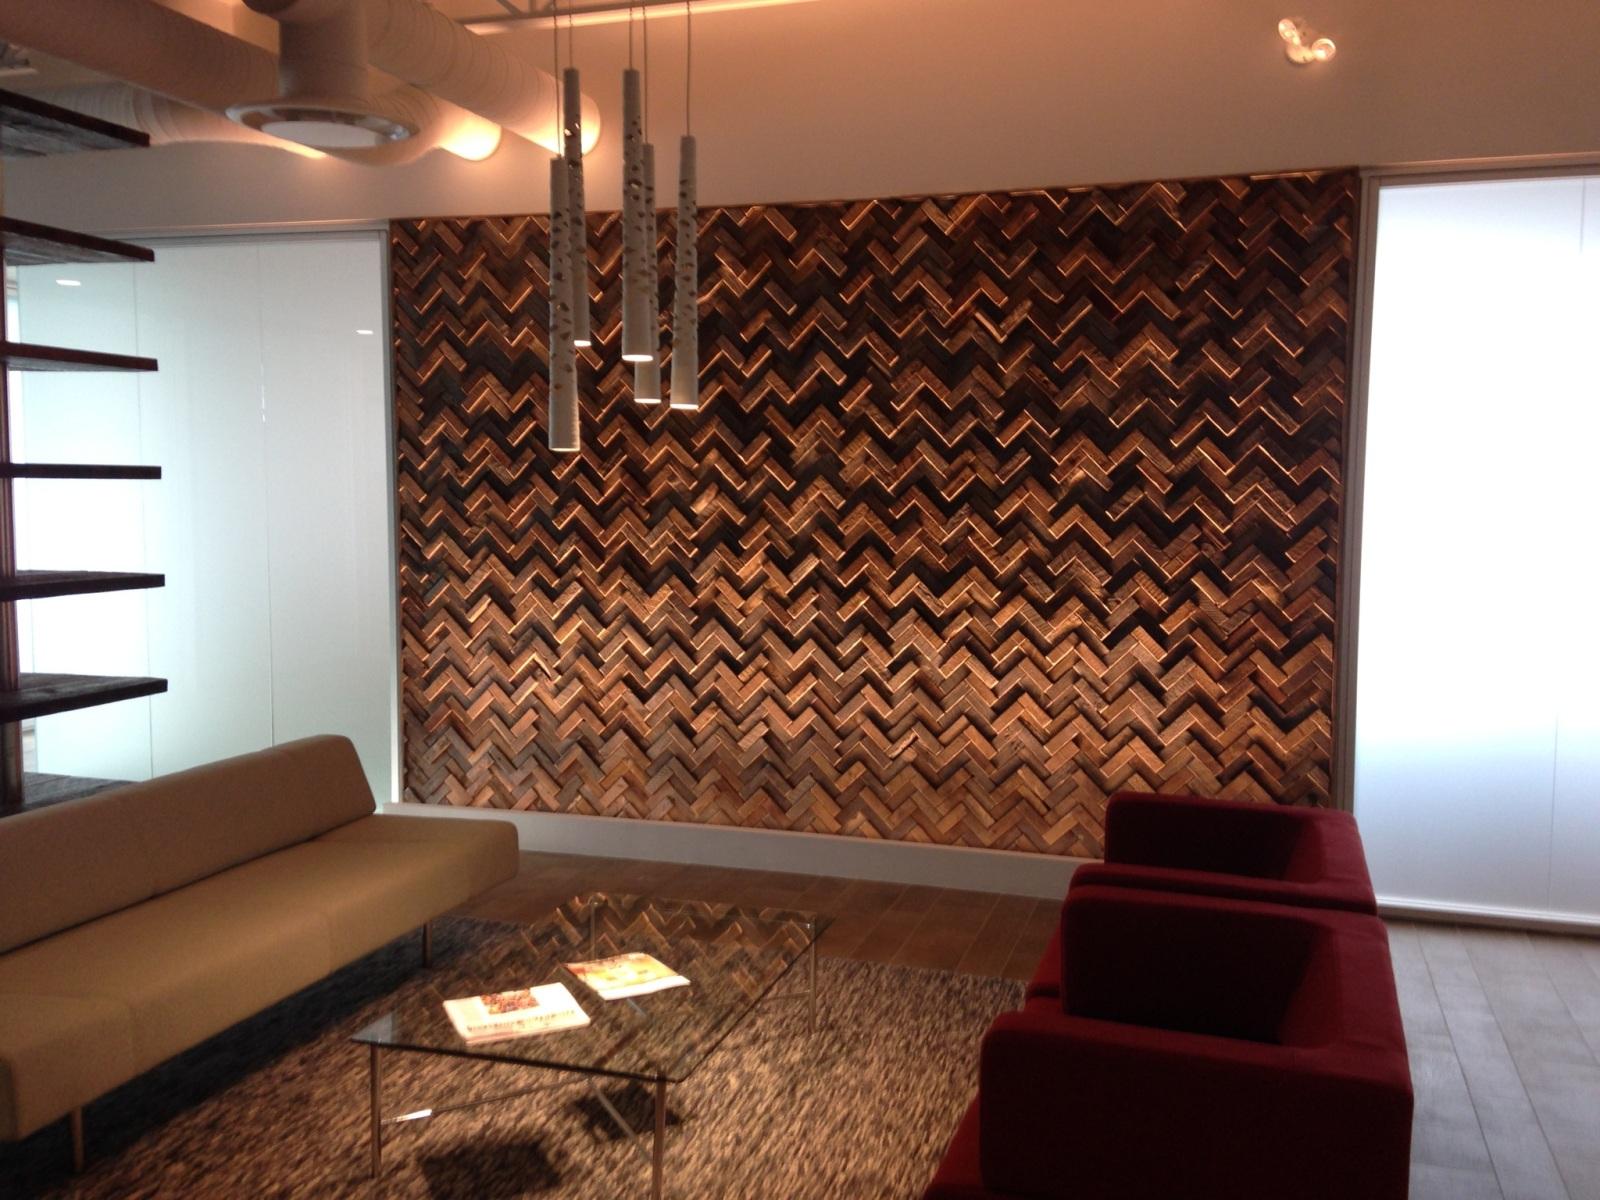 Wooden Feature Wall Design - HD Wallpaper